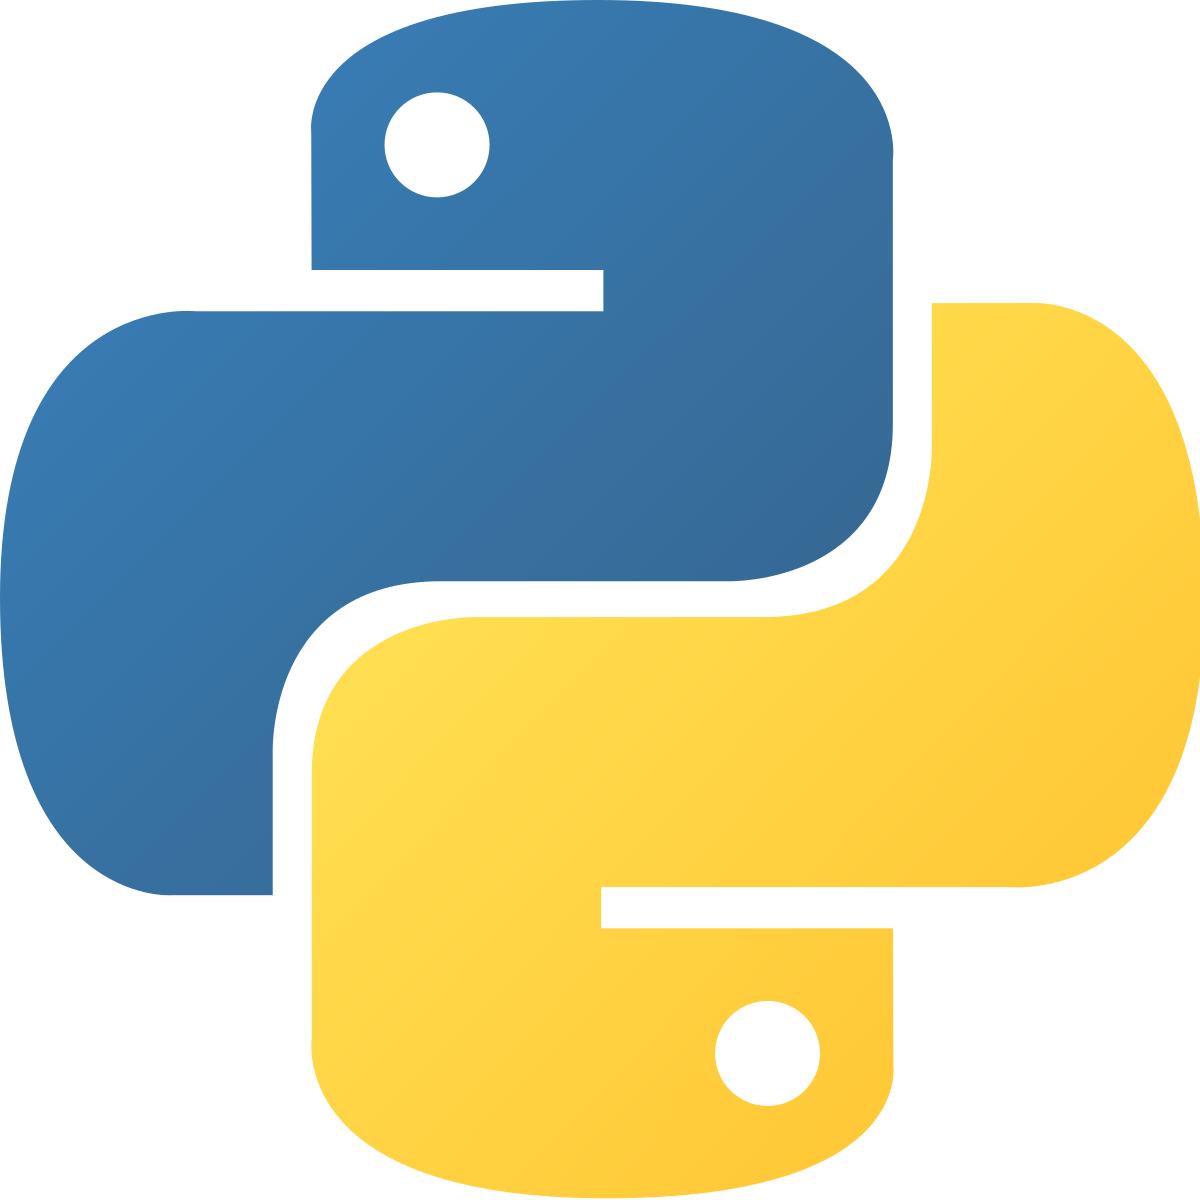 Aprende a programar Python - Curso Desde Cero